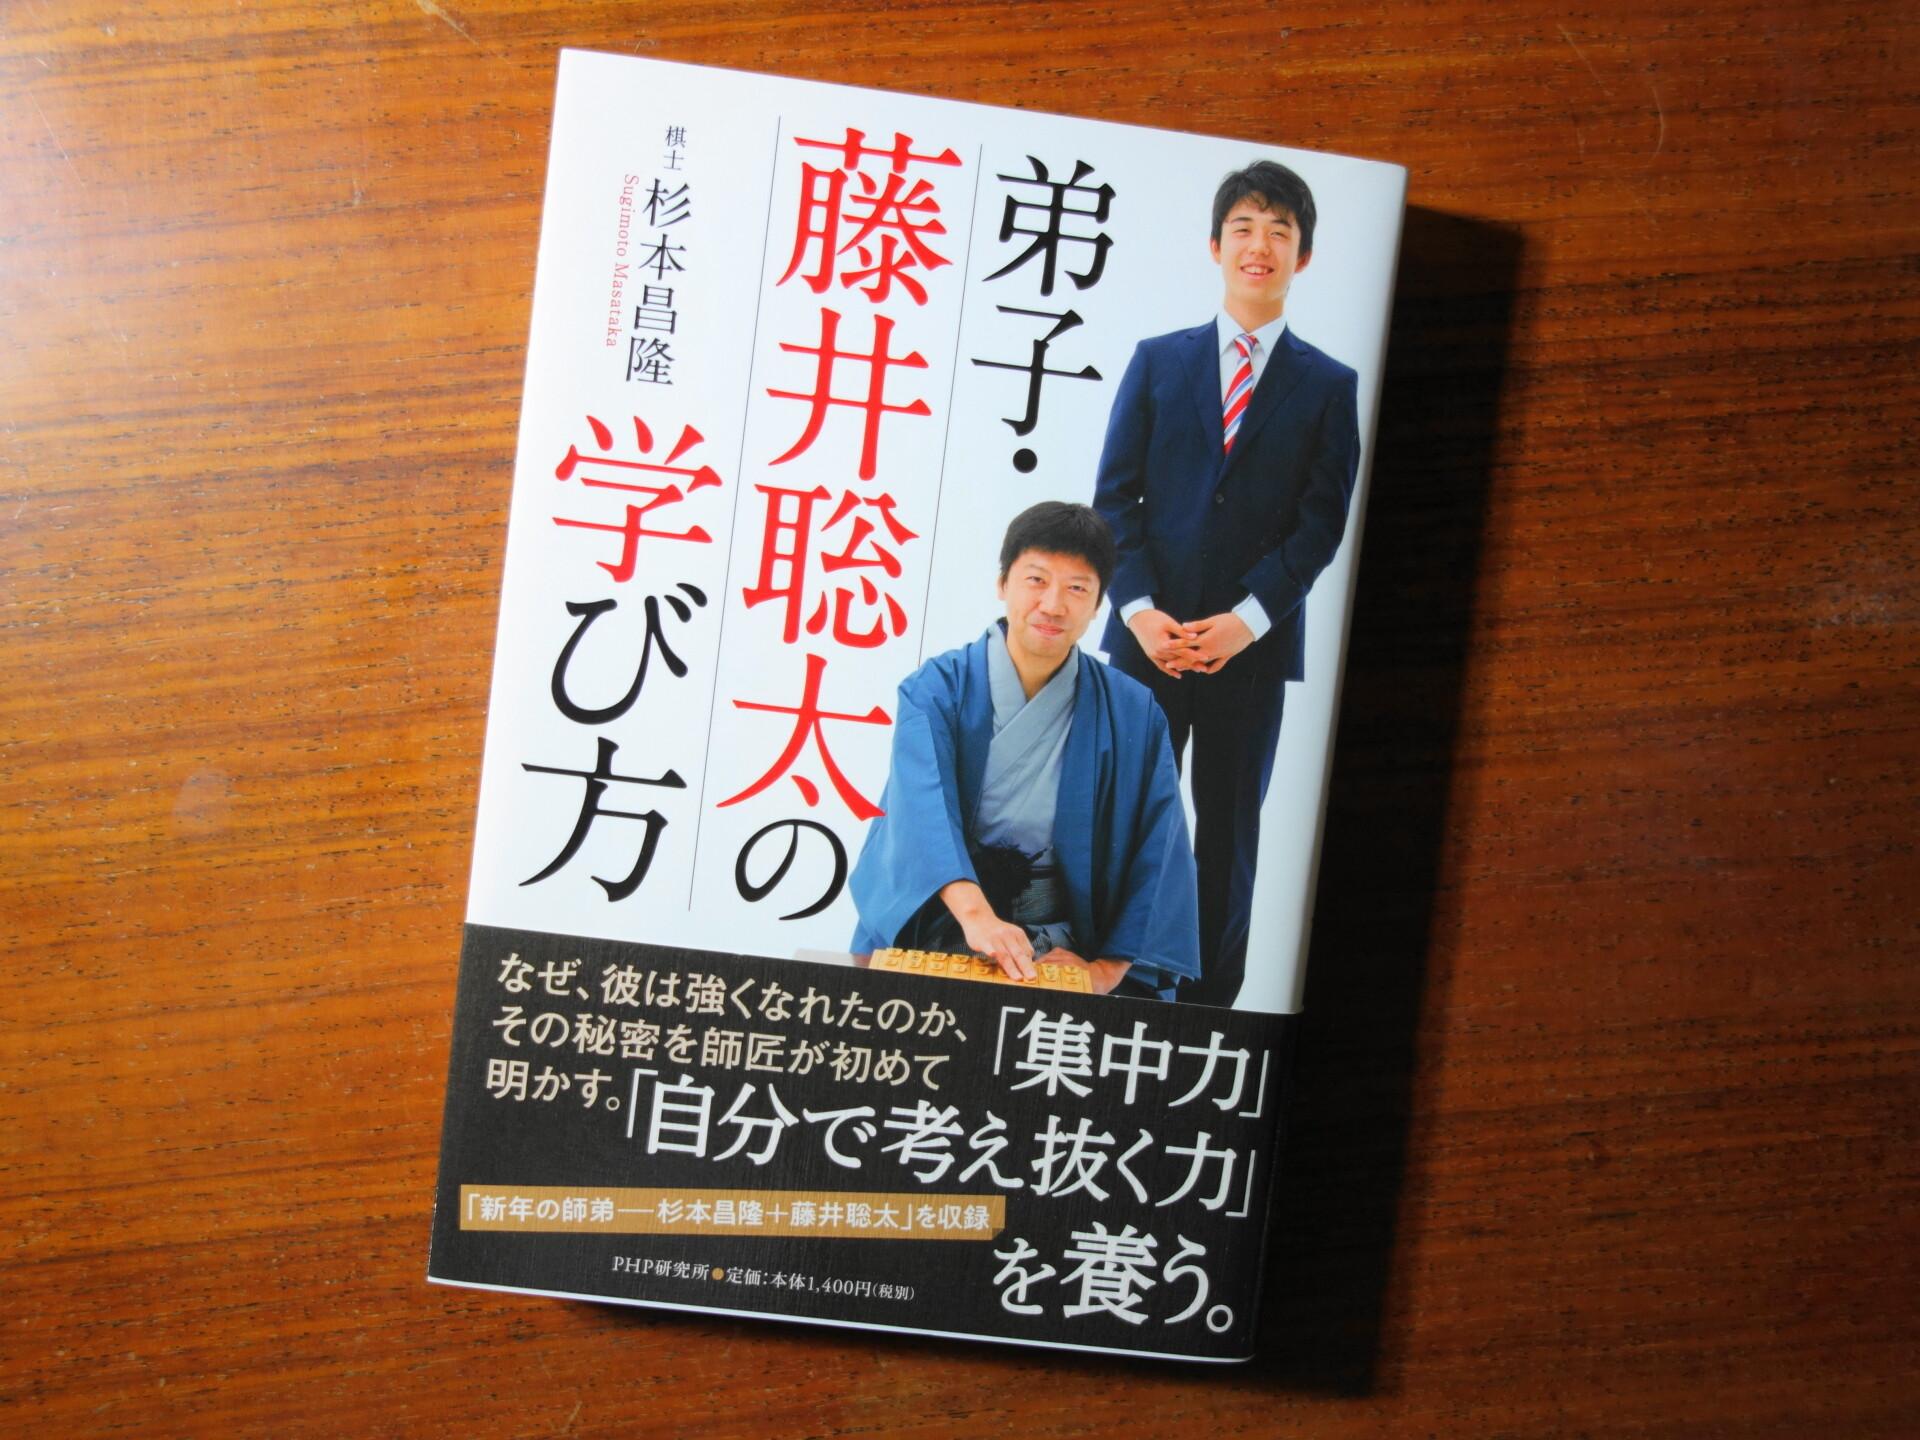 弟子・藤井聡太の学び方の表紙